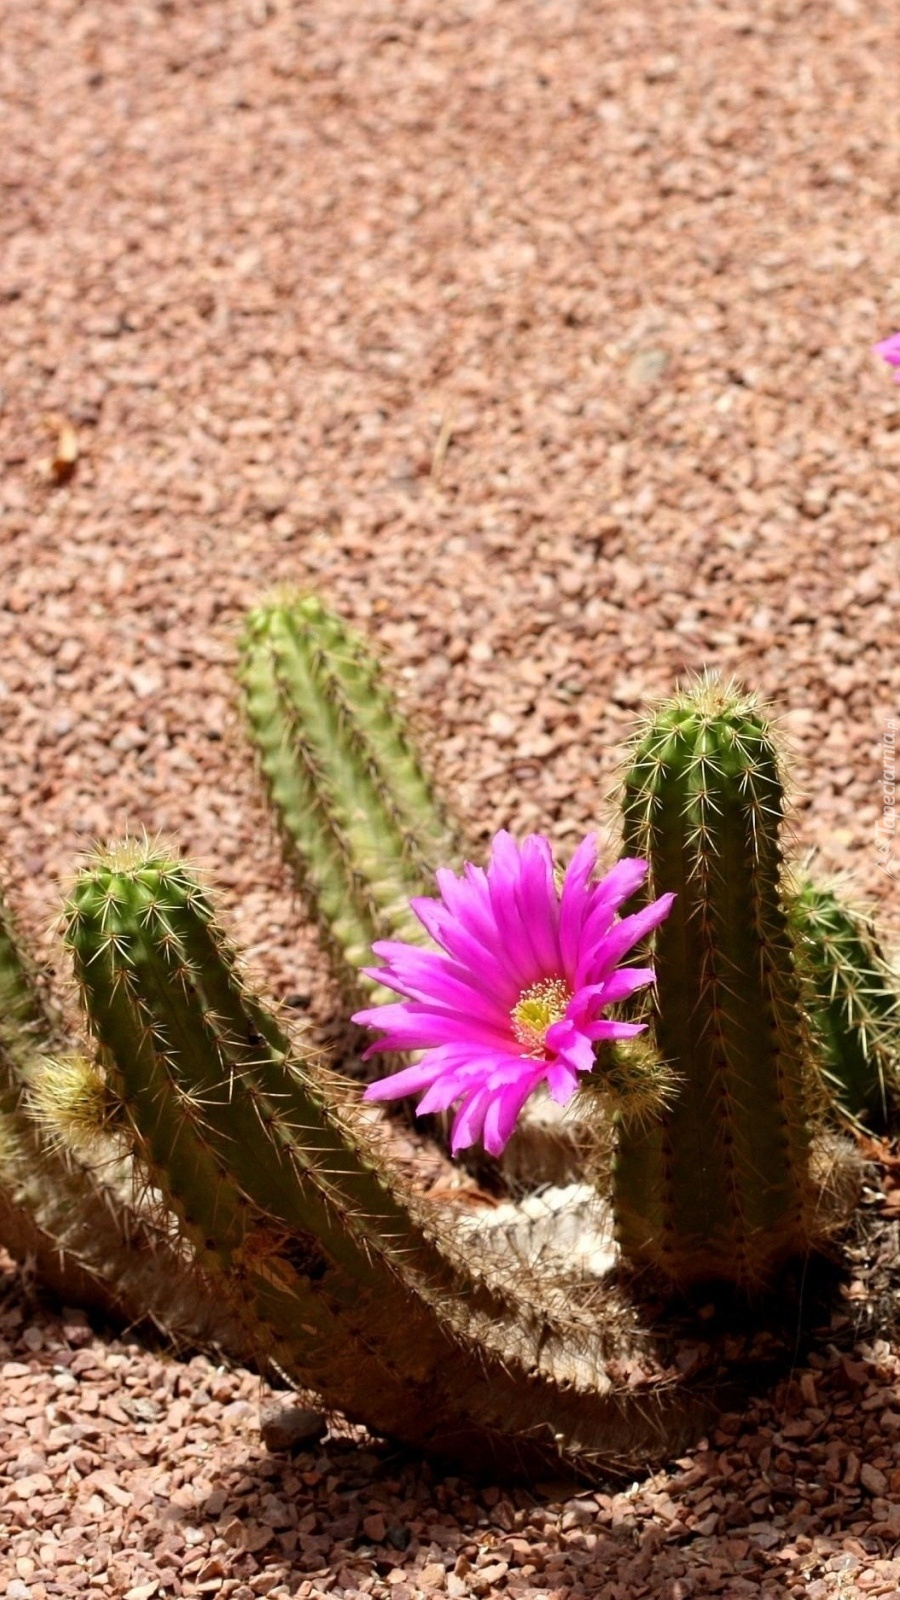 Kwitnący na pustyni kaktus